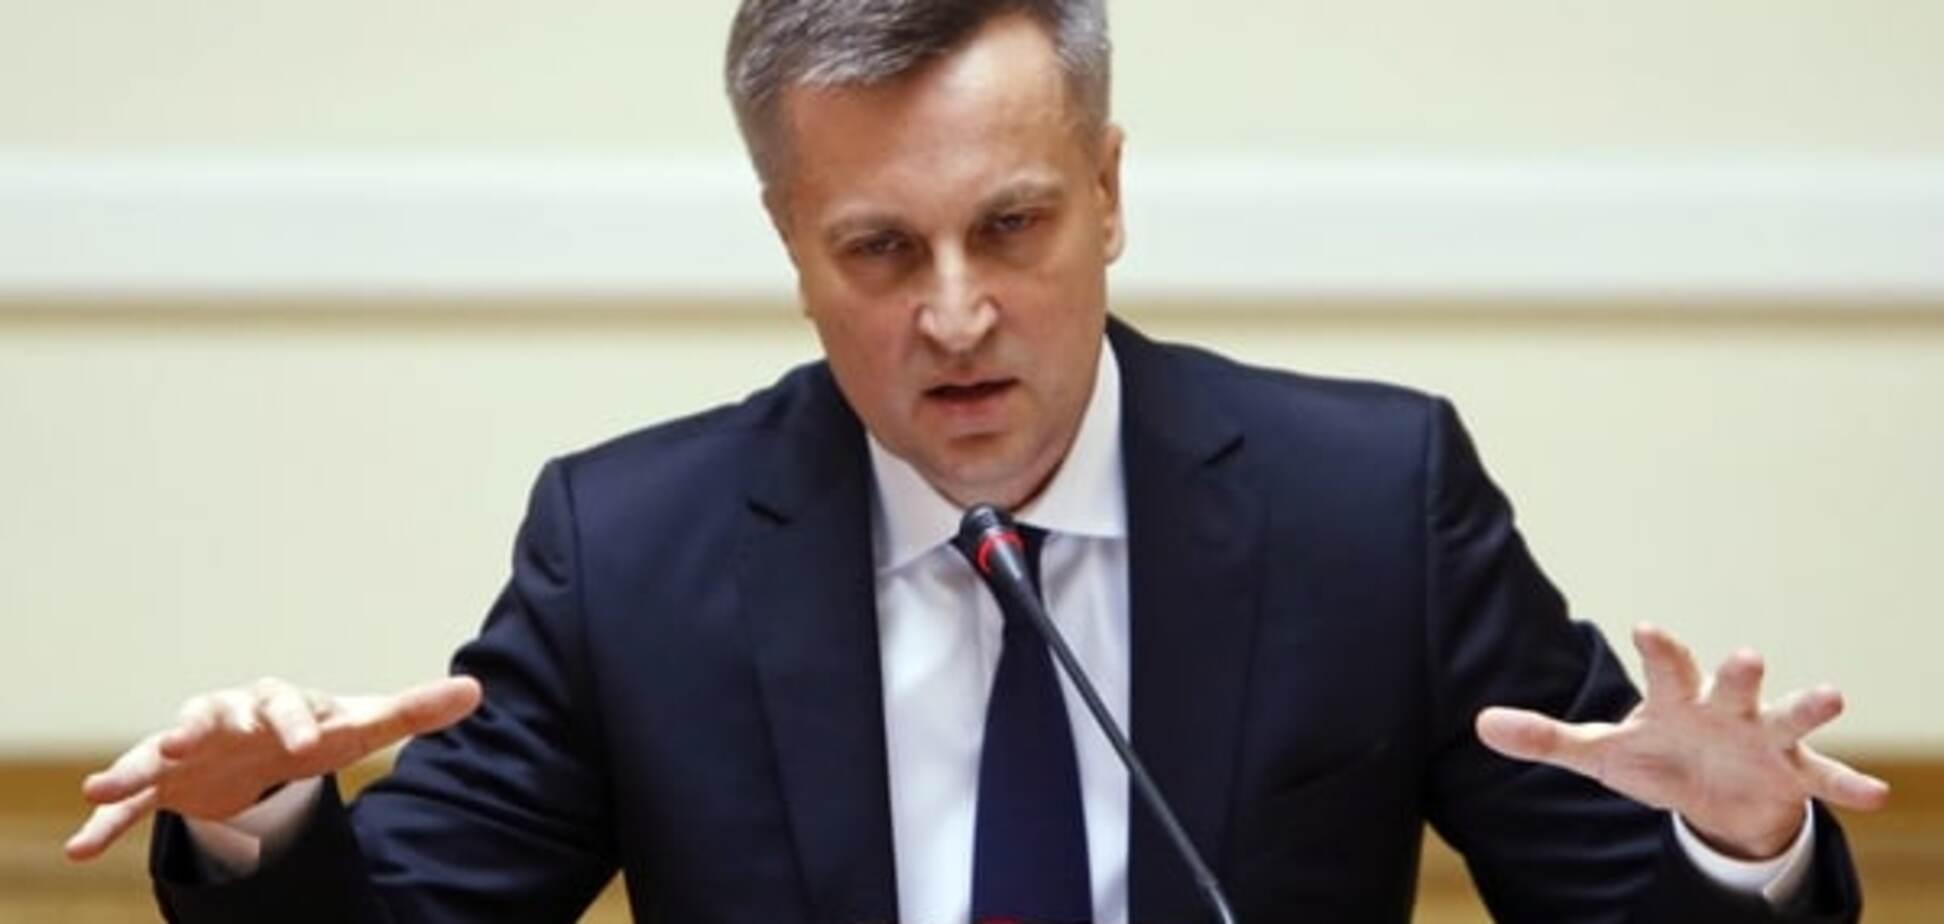 Не святой: журналисты раскрыли коррупционные схемы Наливайченко